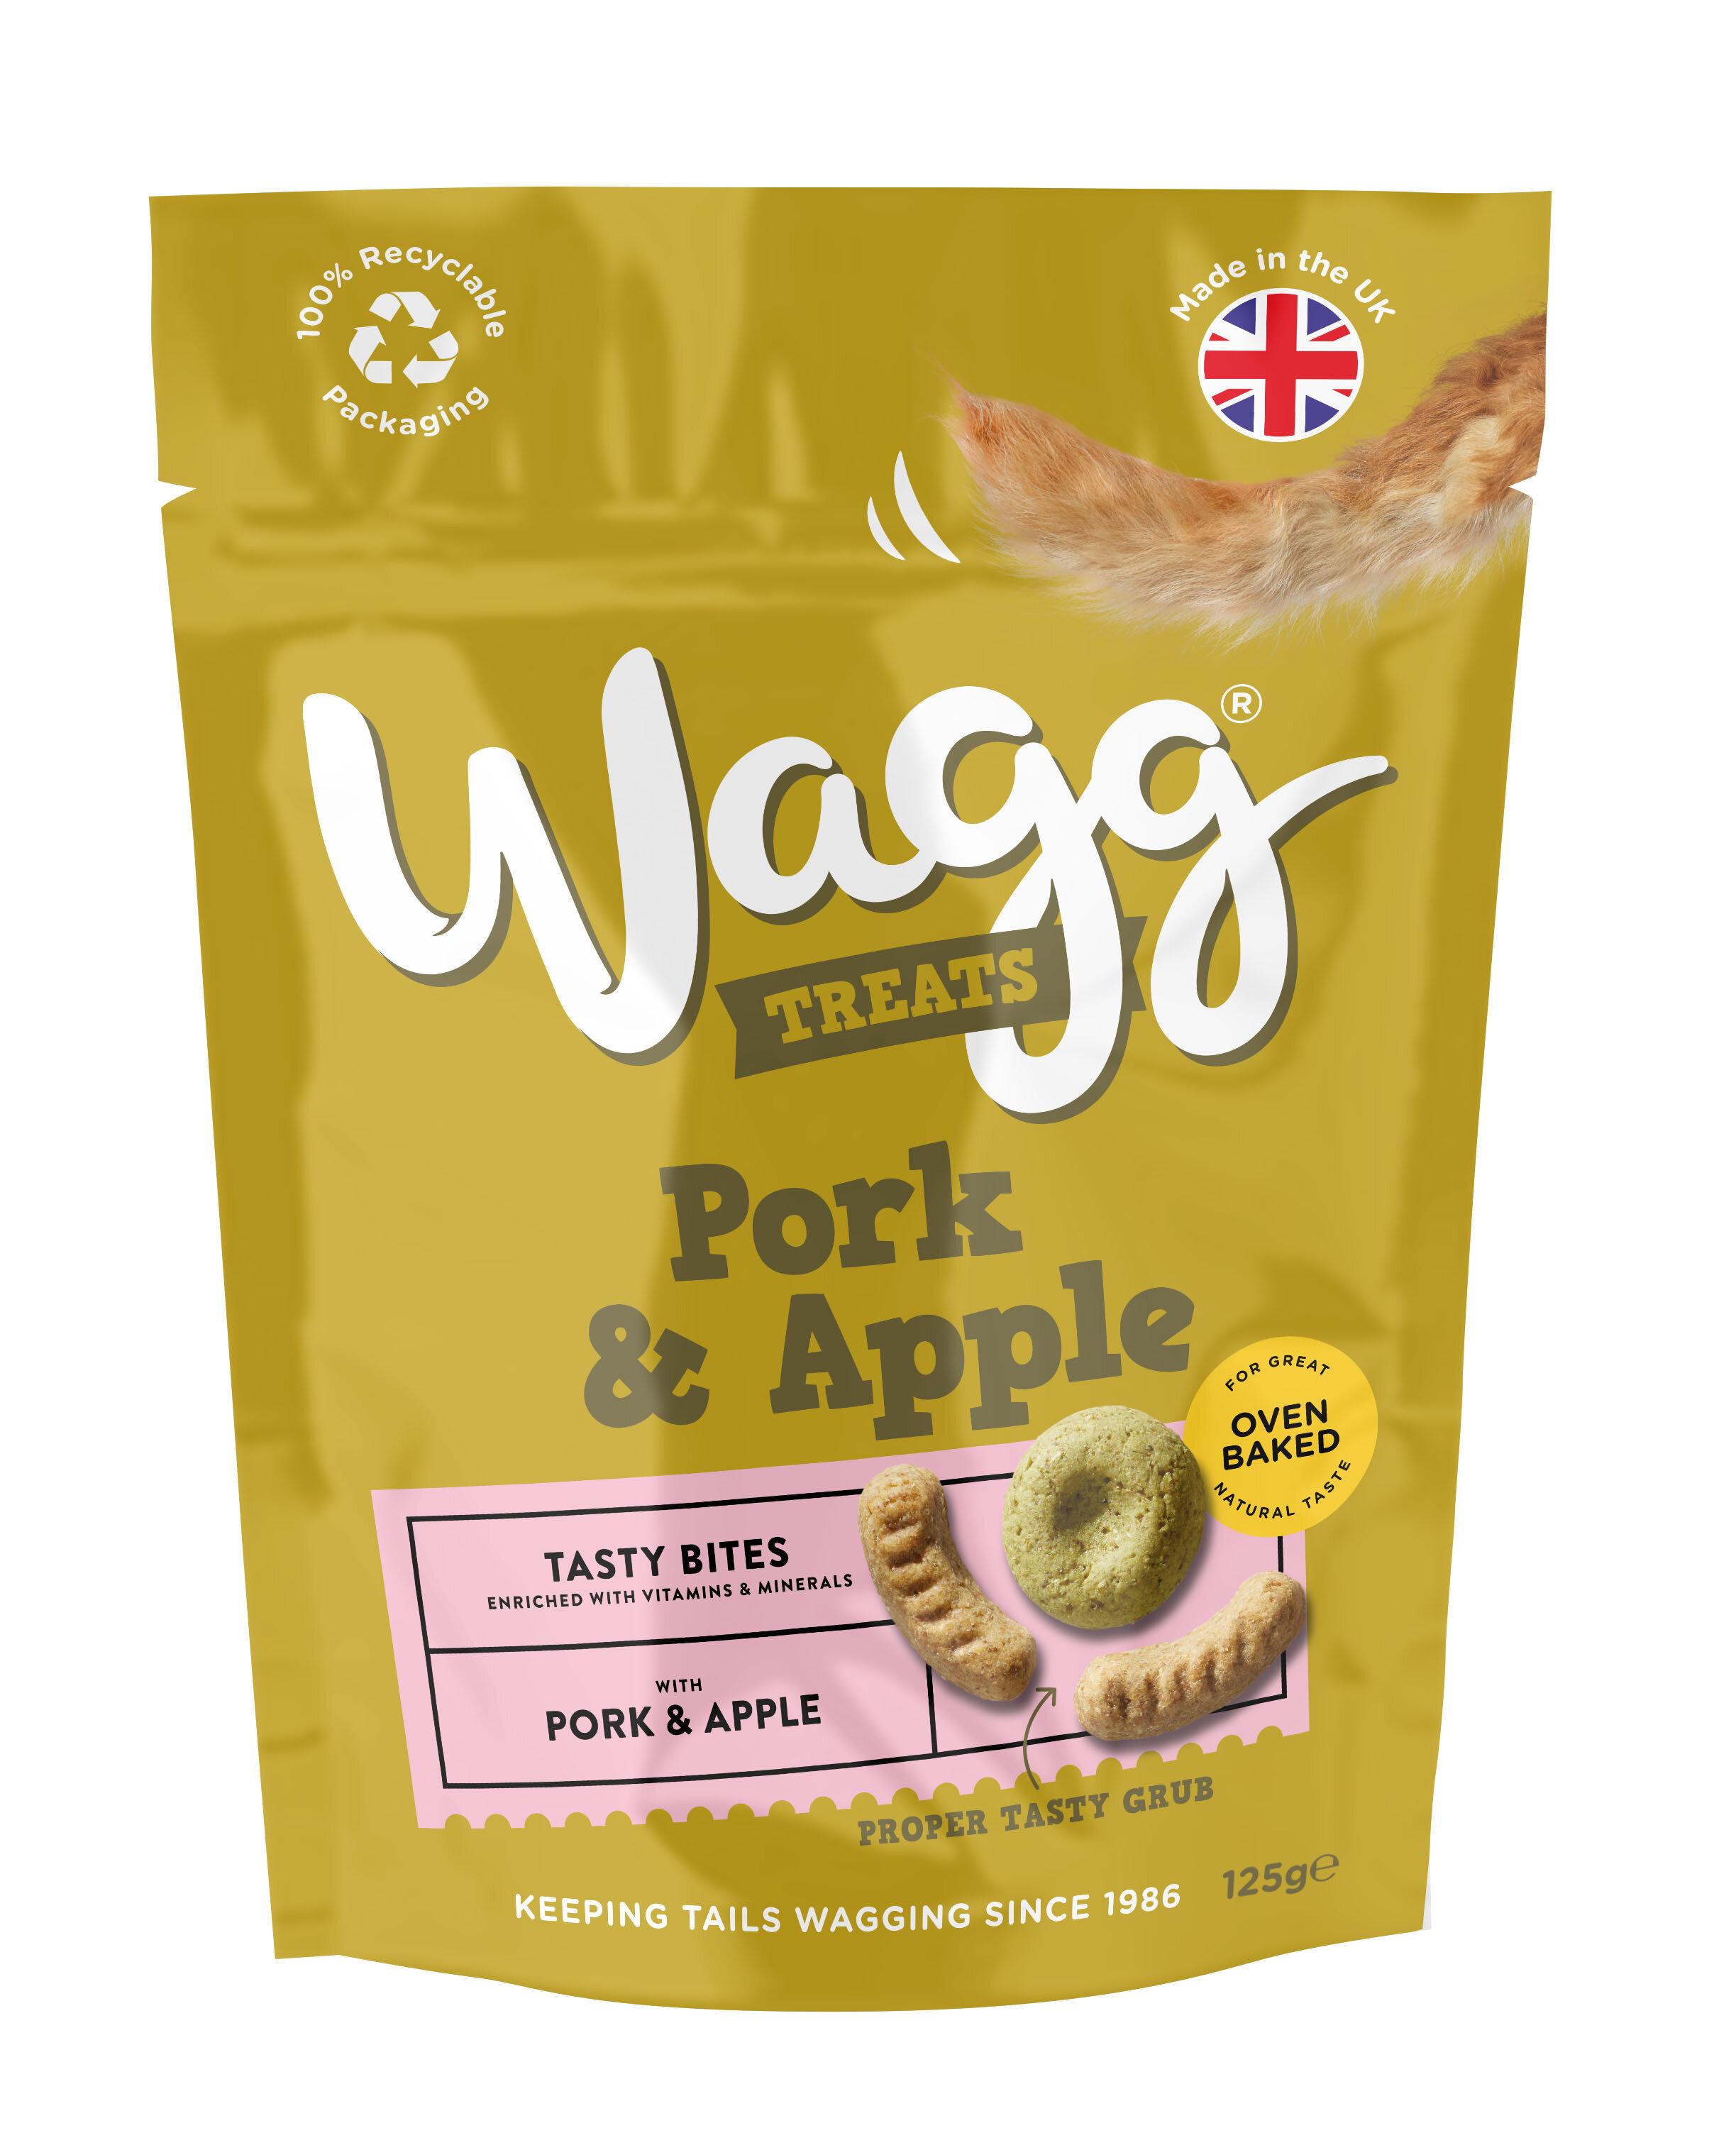 Wagg Dog Treats Pork & Apple 125g x 7